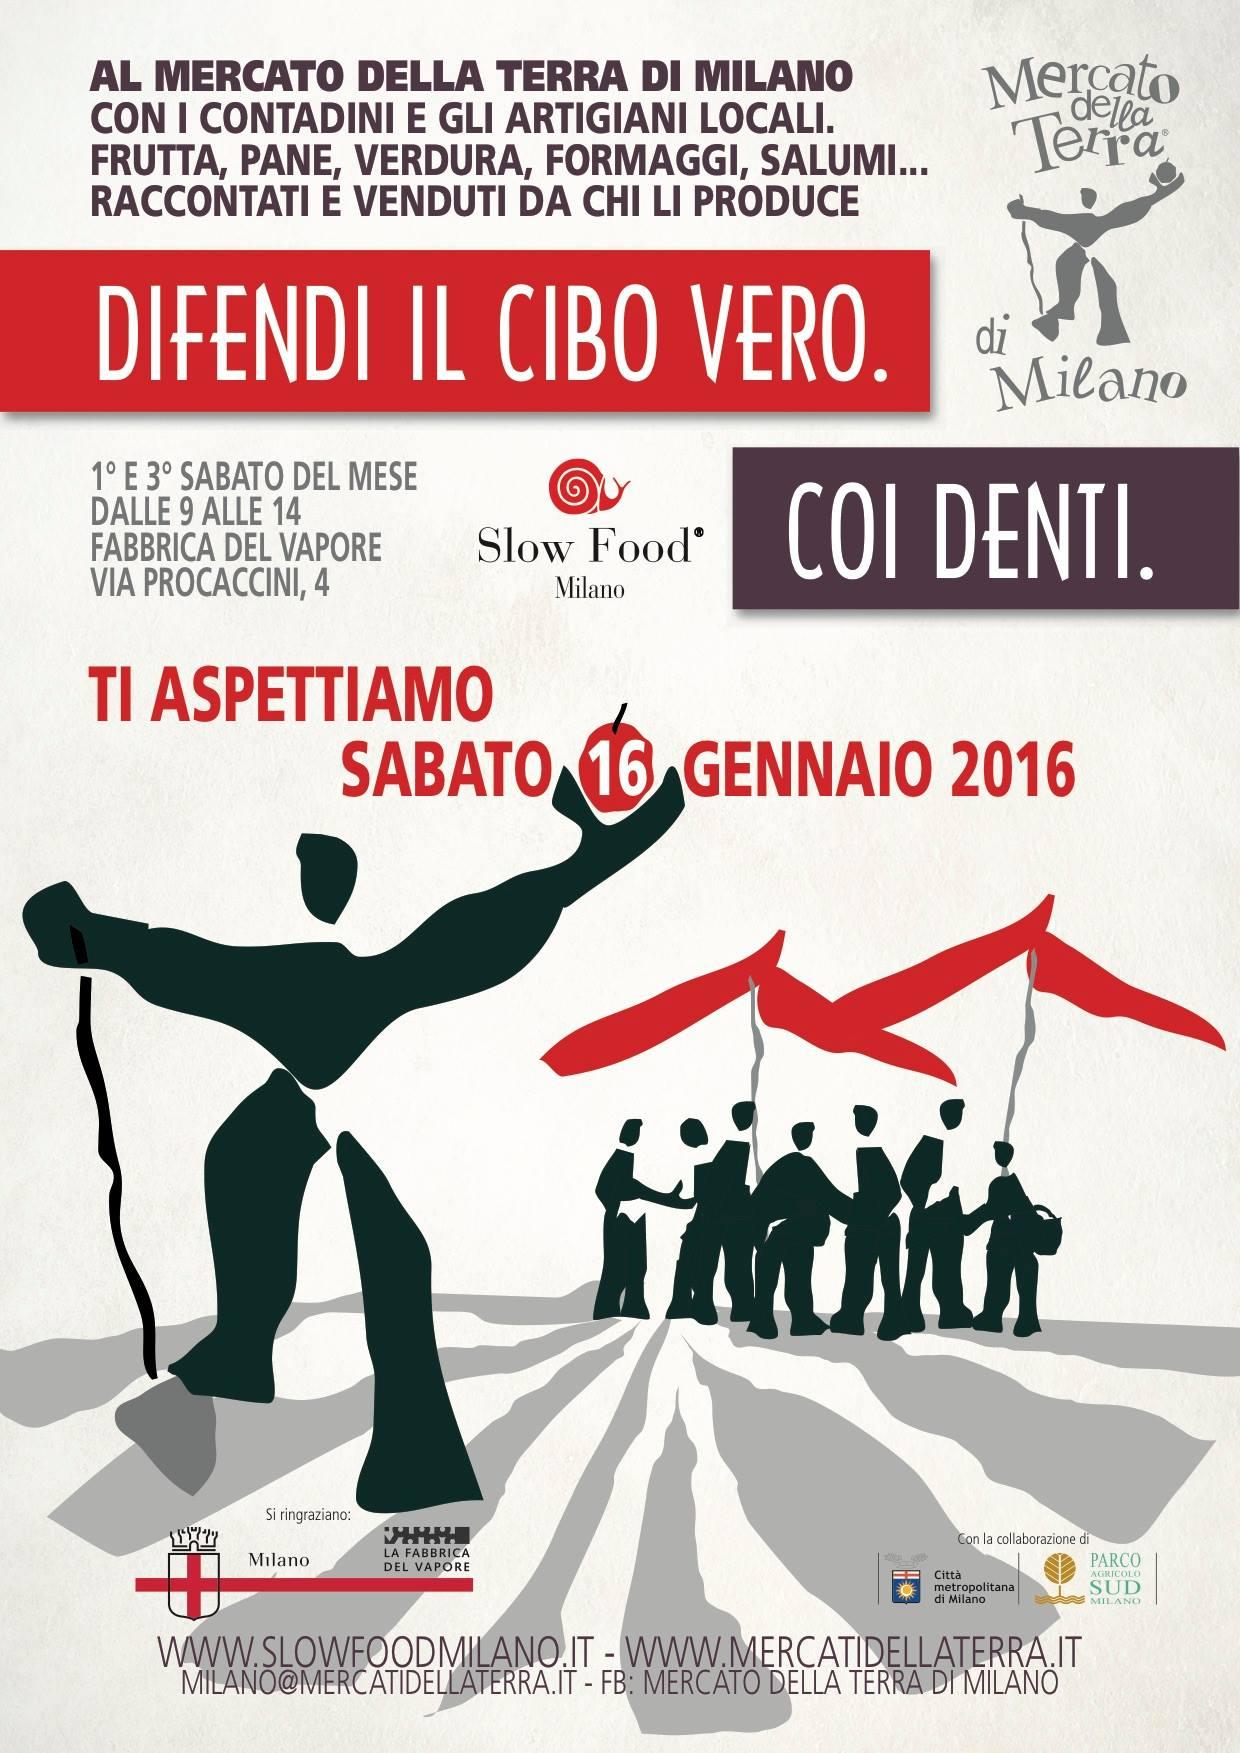 Sabato 16 gennaio, dalle 9 alle 14 torna il MERCATO DELLA TERRA di Milano